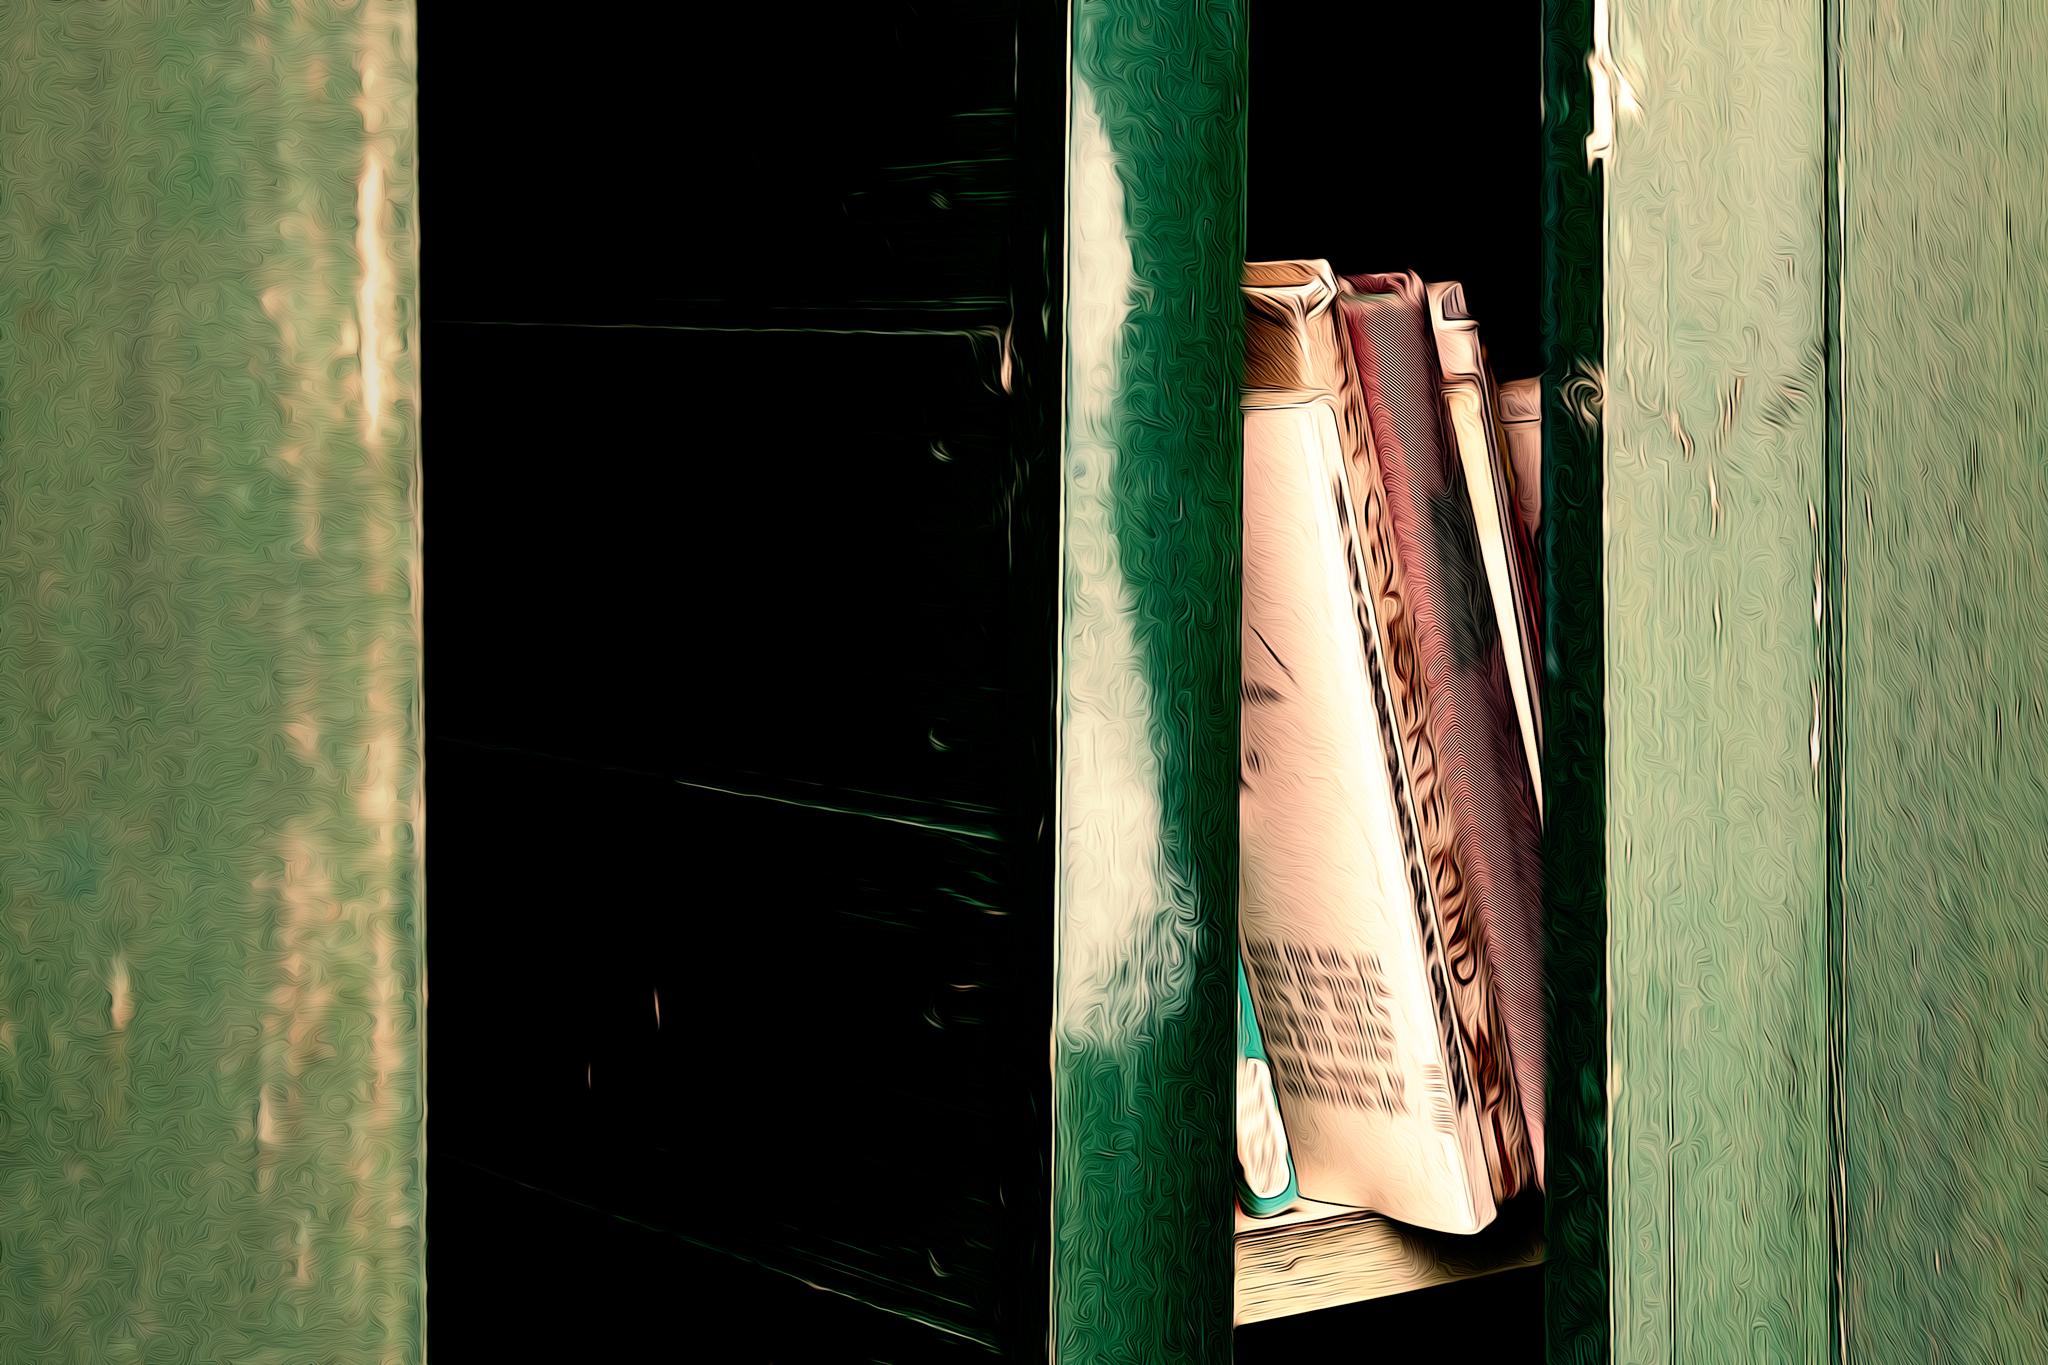 Manchmal verborgen, manchmal ganz offen werden die geheimen Bücher gelagert.